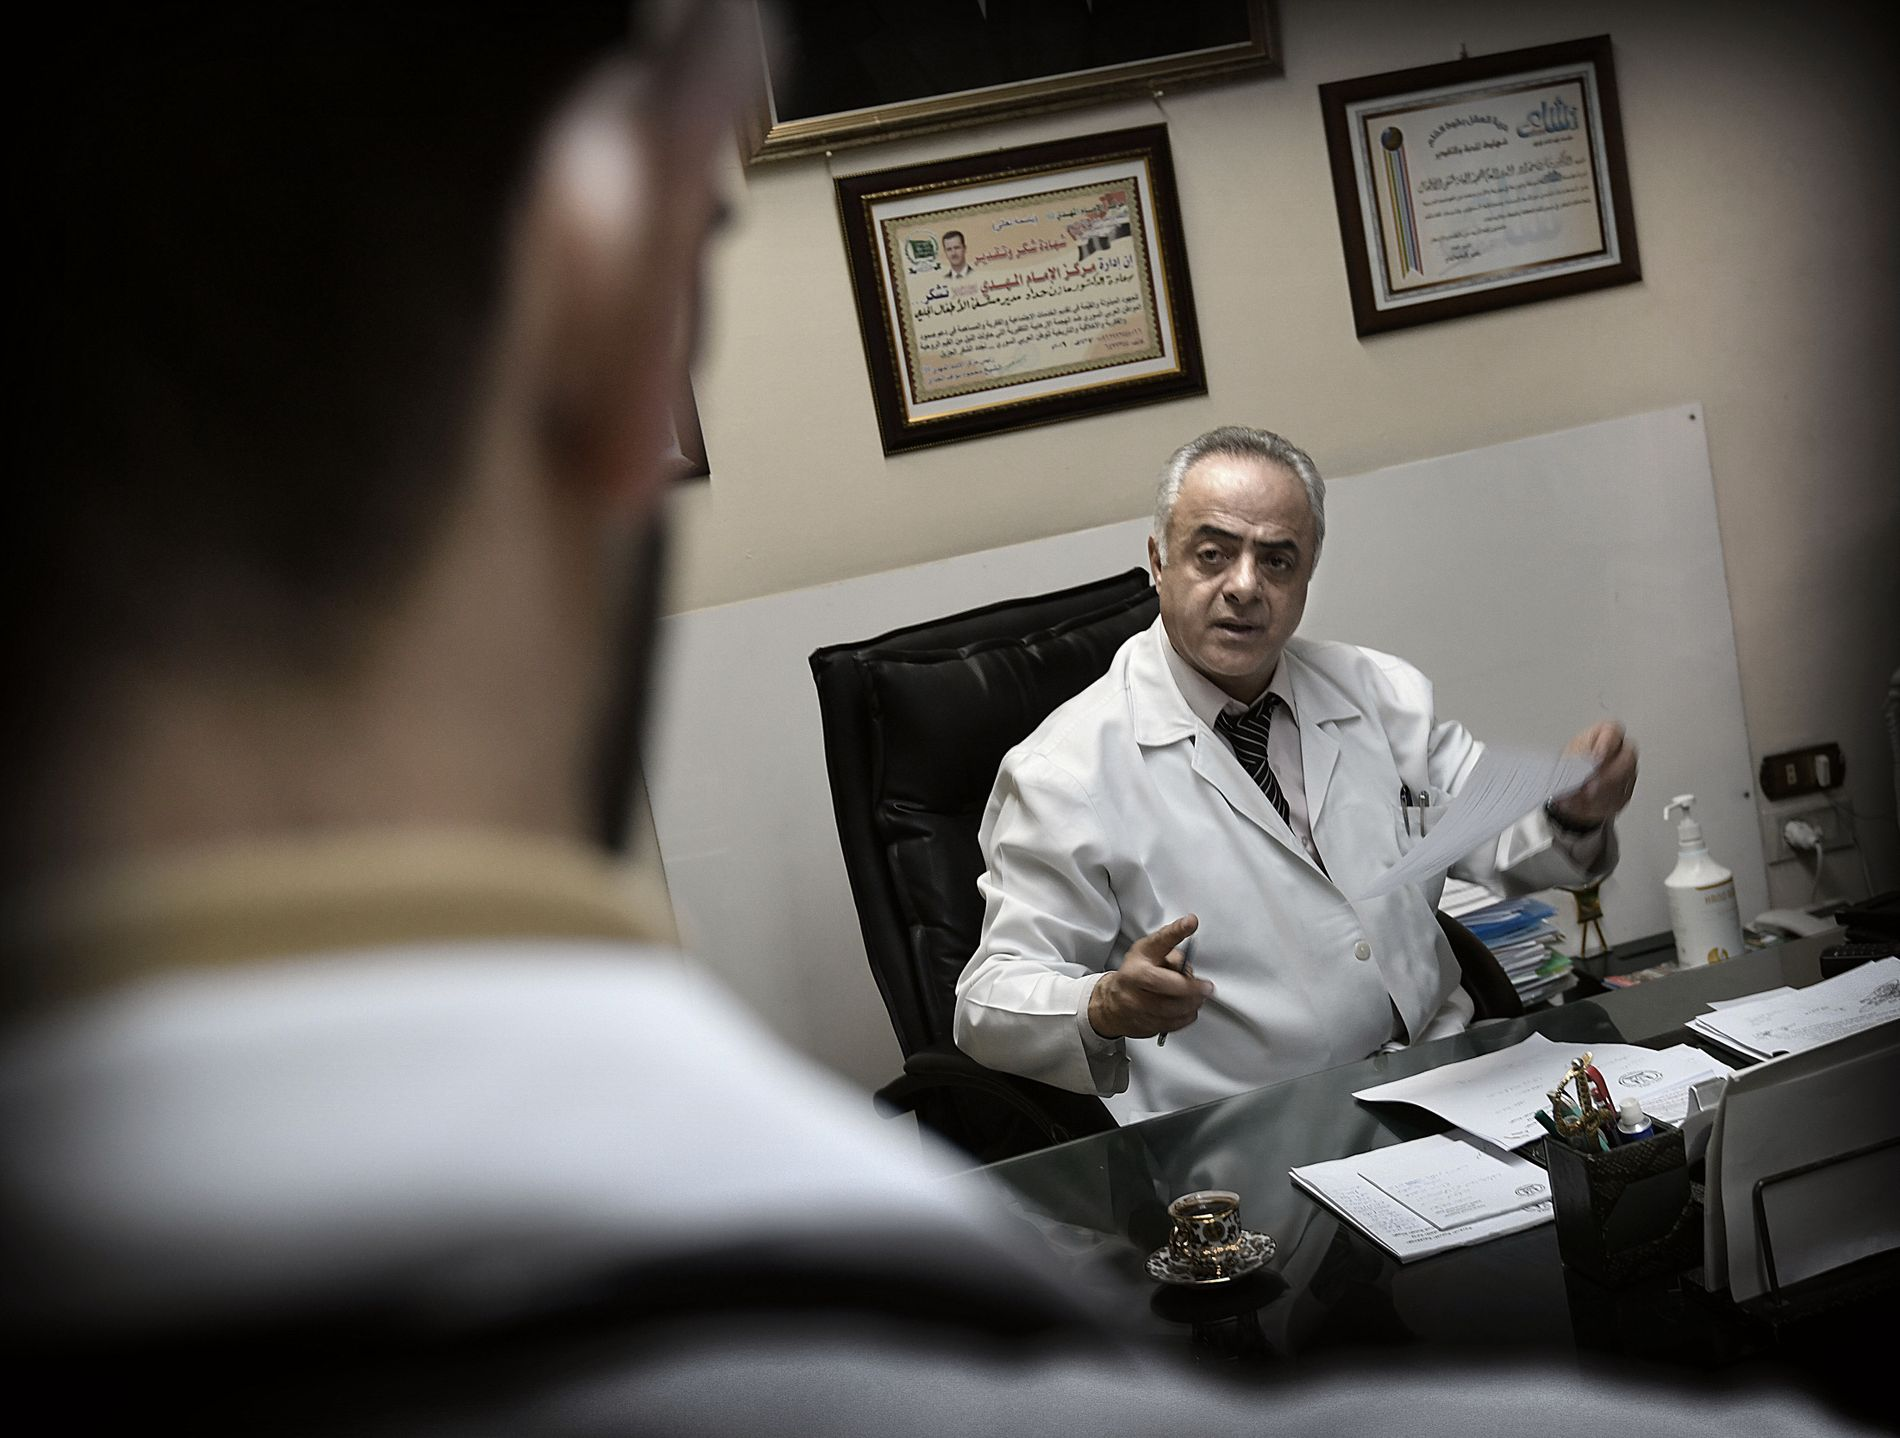 SYKEHUSSJEF: Mazen al Haddad er direktør ved barnesykehuset i Damaskus. Sykehuset har 470 sengeposter og tar imot pasienter fra hele landet.